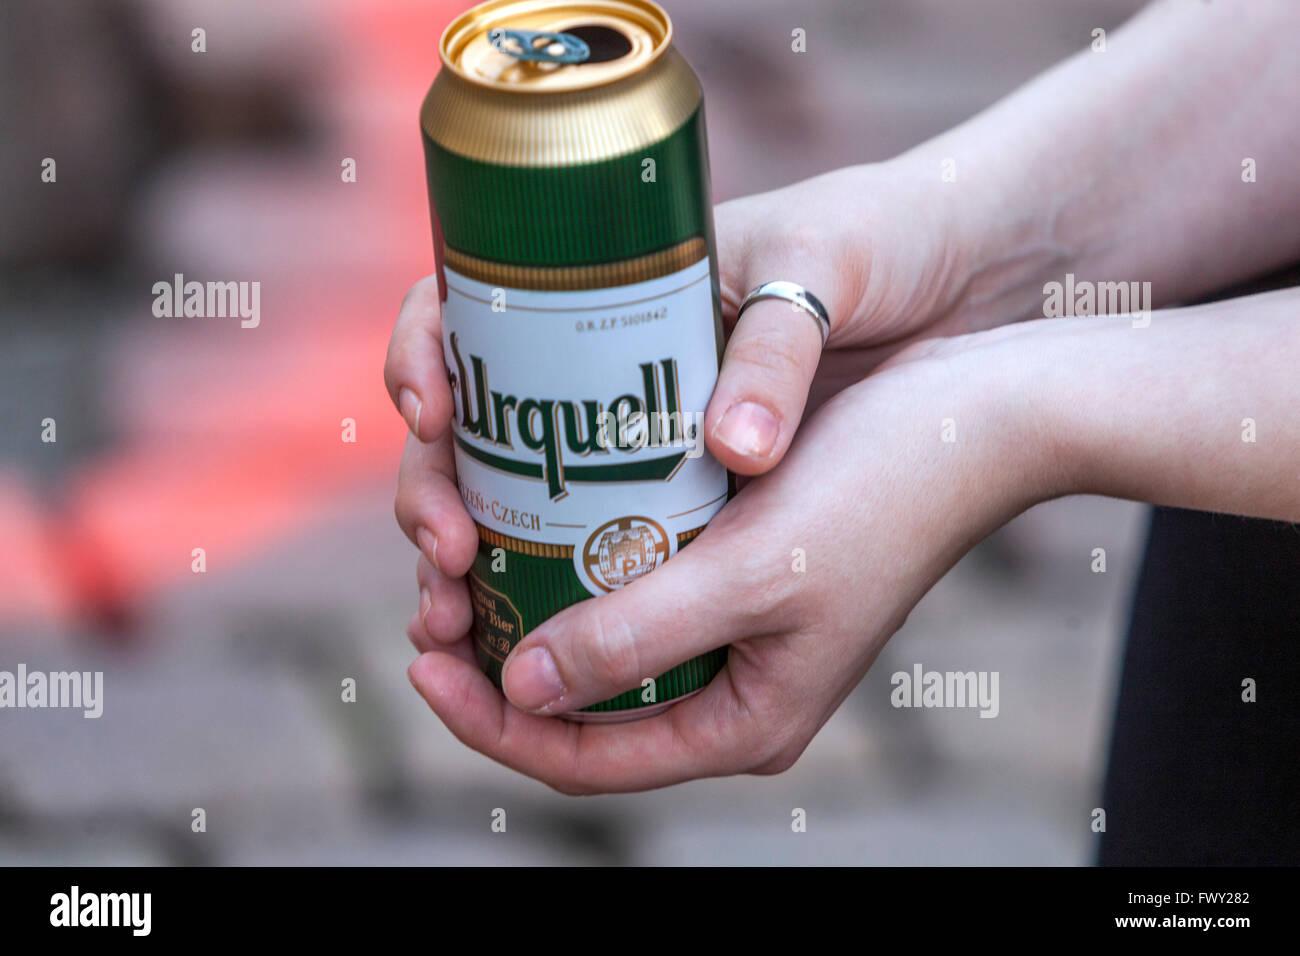 La donna è in possesso di una lattina di birra Pilsner Urquell Immagini Stock